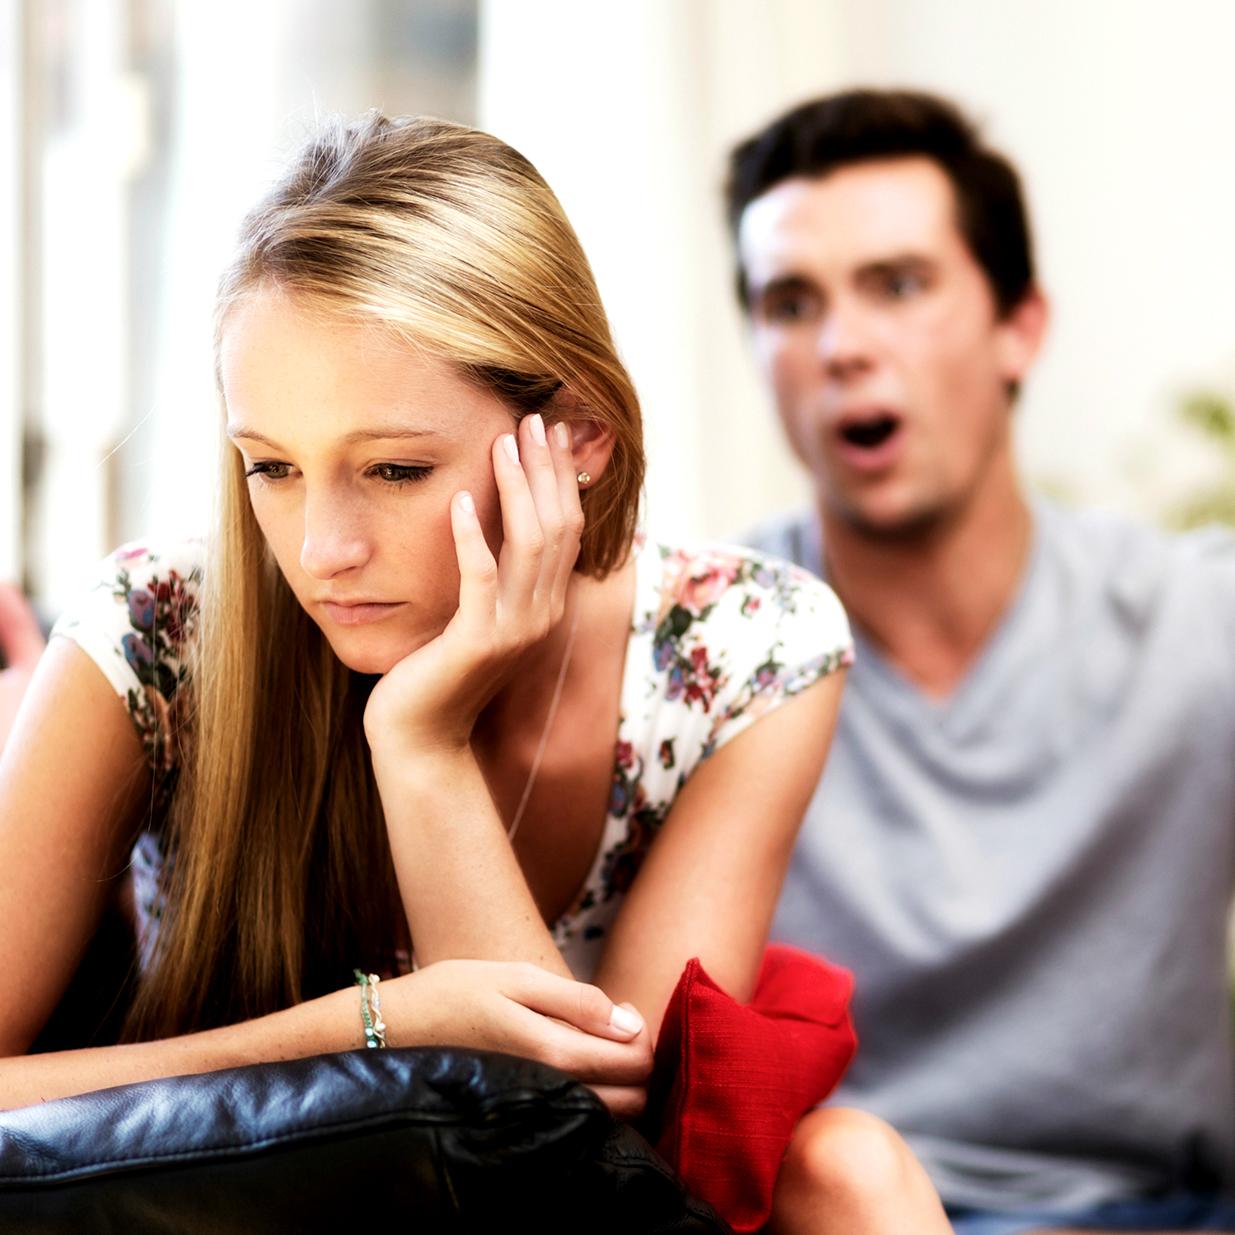 Мангал Доша : Препятствия и трудности в отношениях и брачной жизни, способы их преодоления?